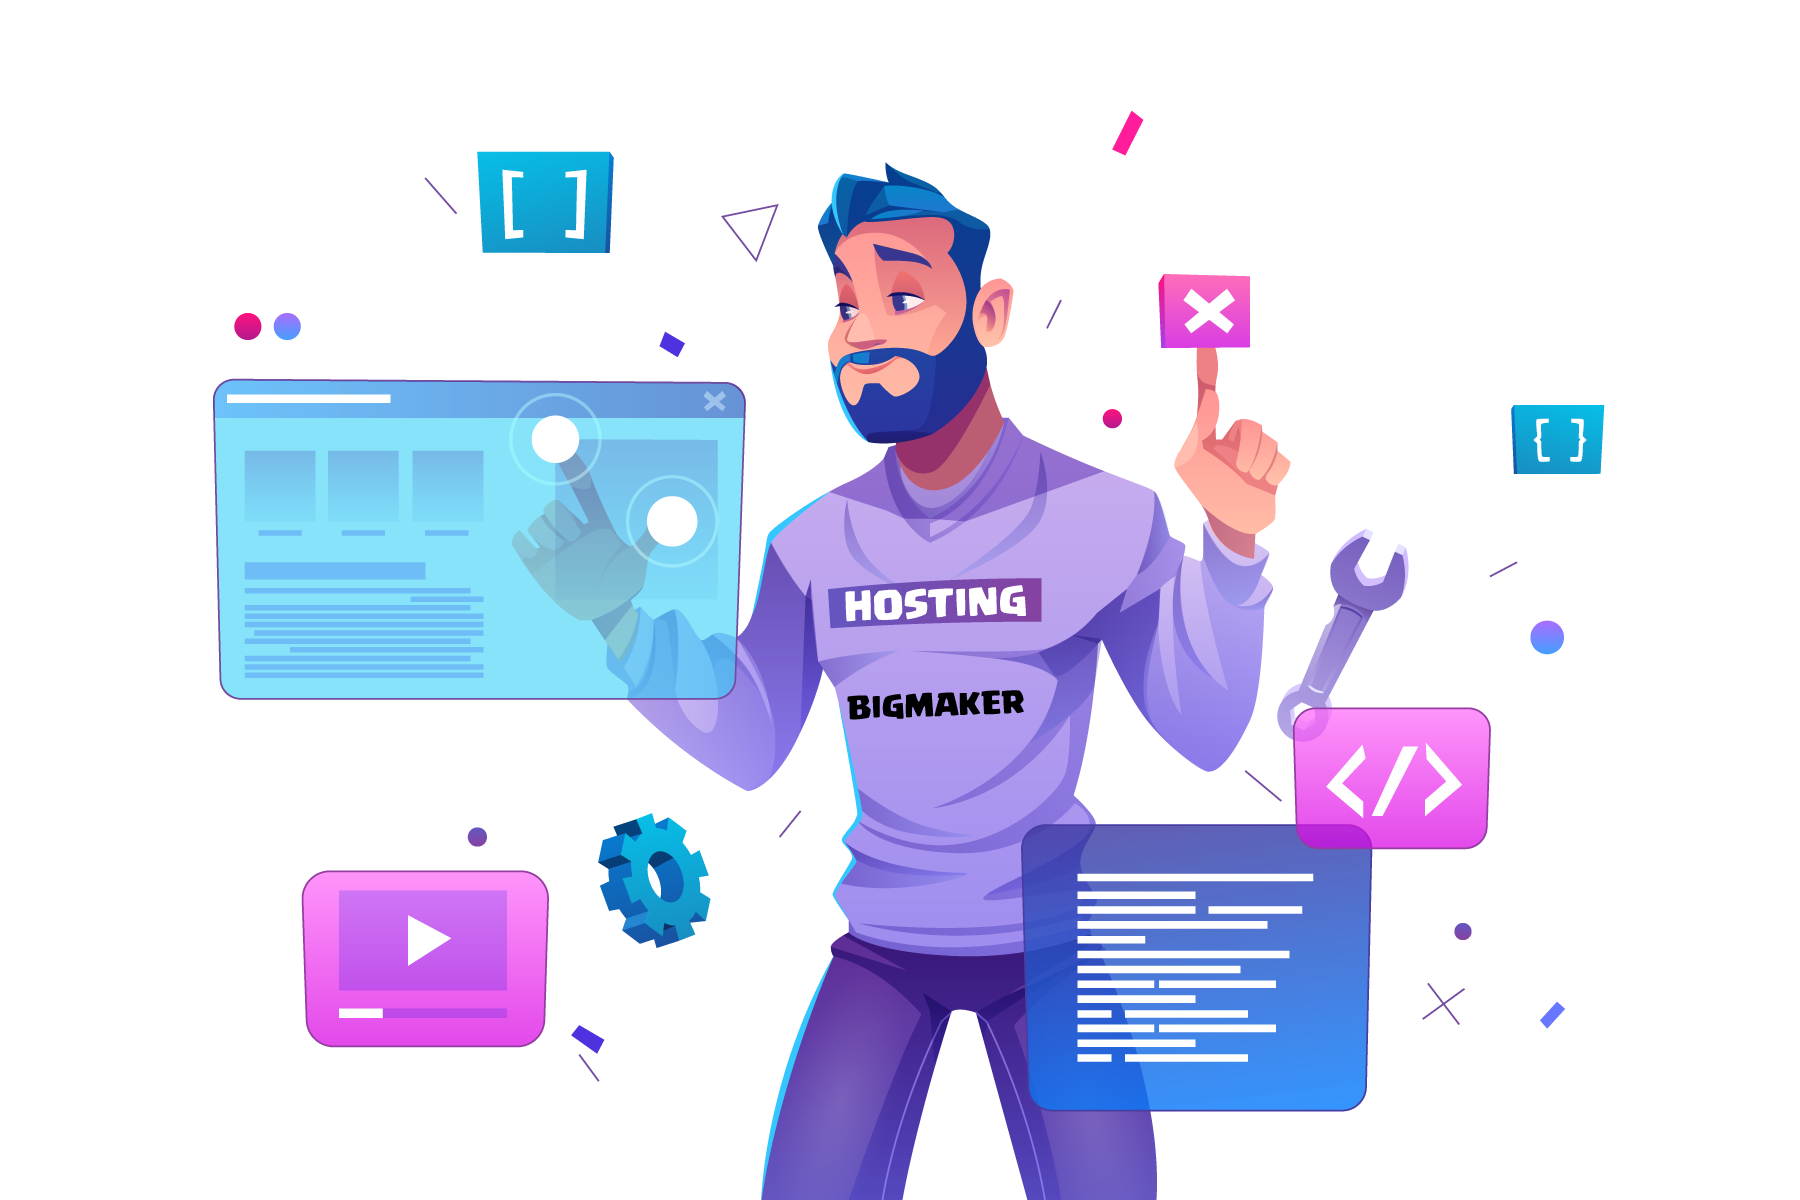 Web hosting bigmaker 2021